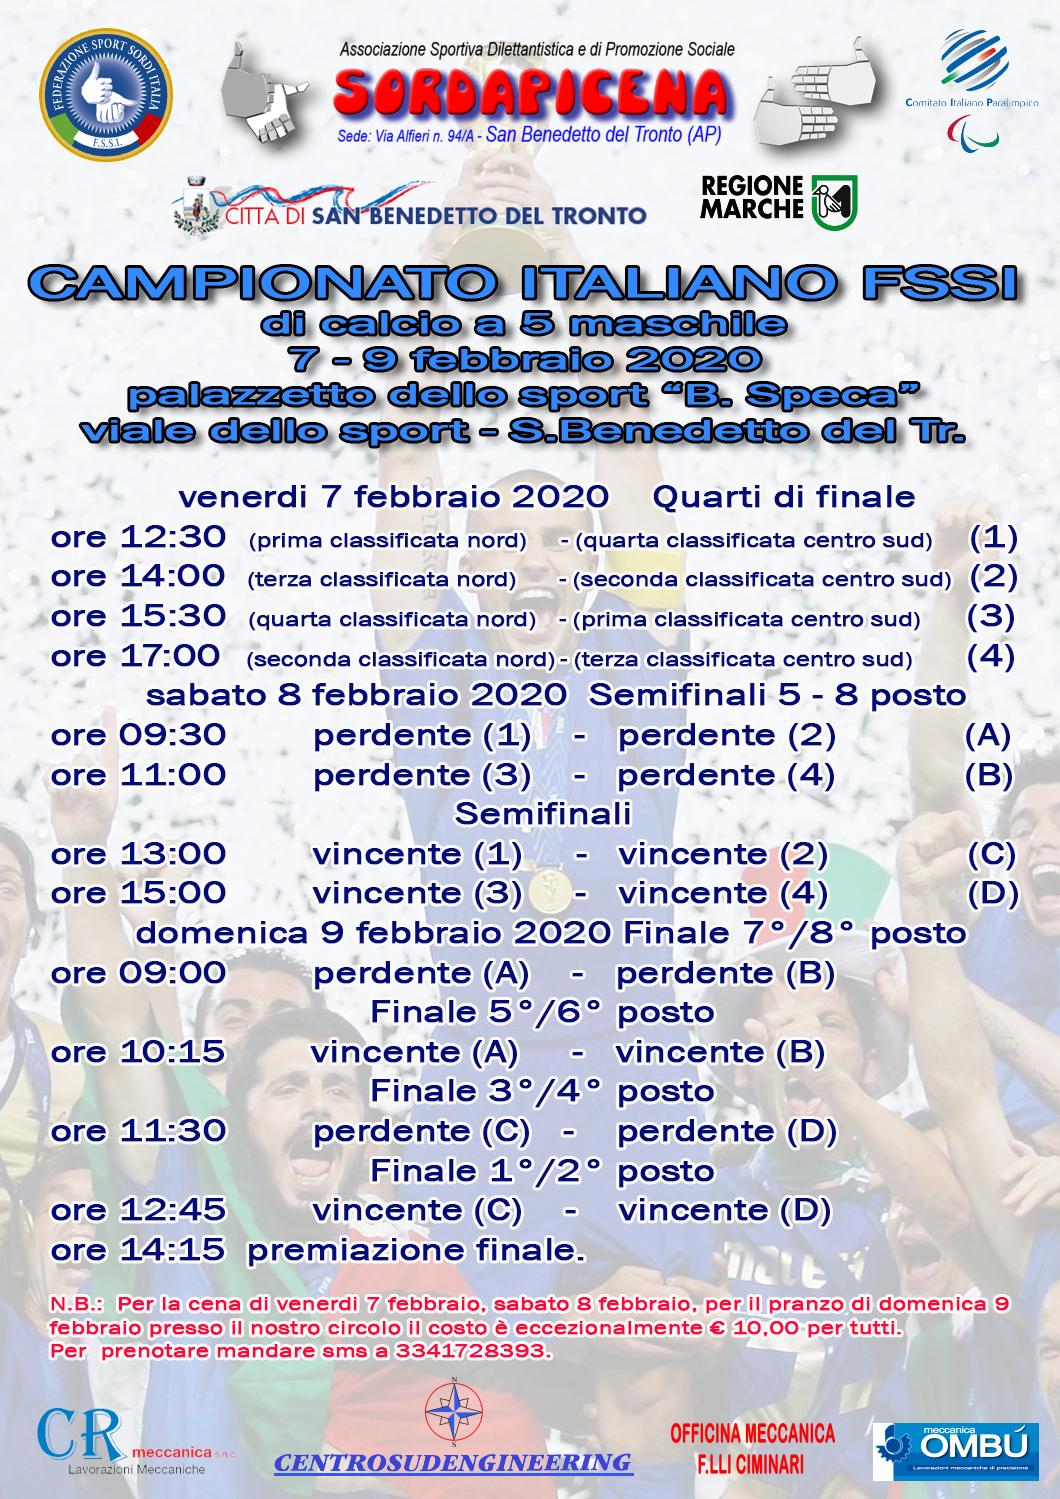 7-9 Febbraio, San Benedetto del Tronto. Final Eight FSSI di Calcio A5